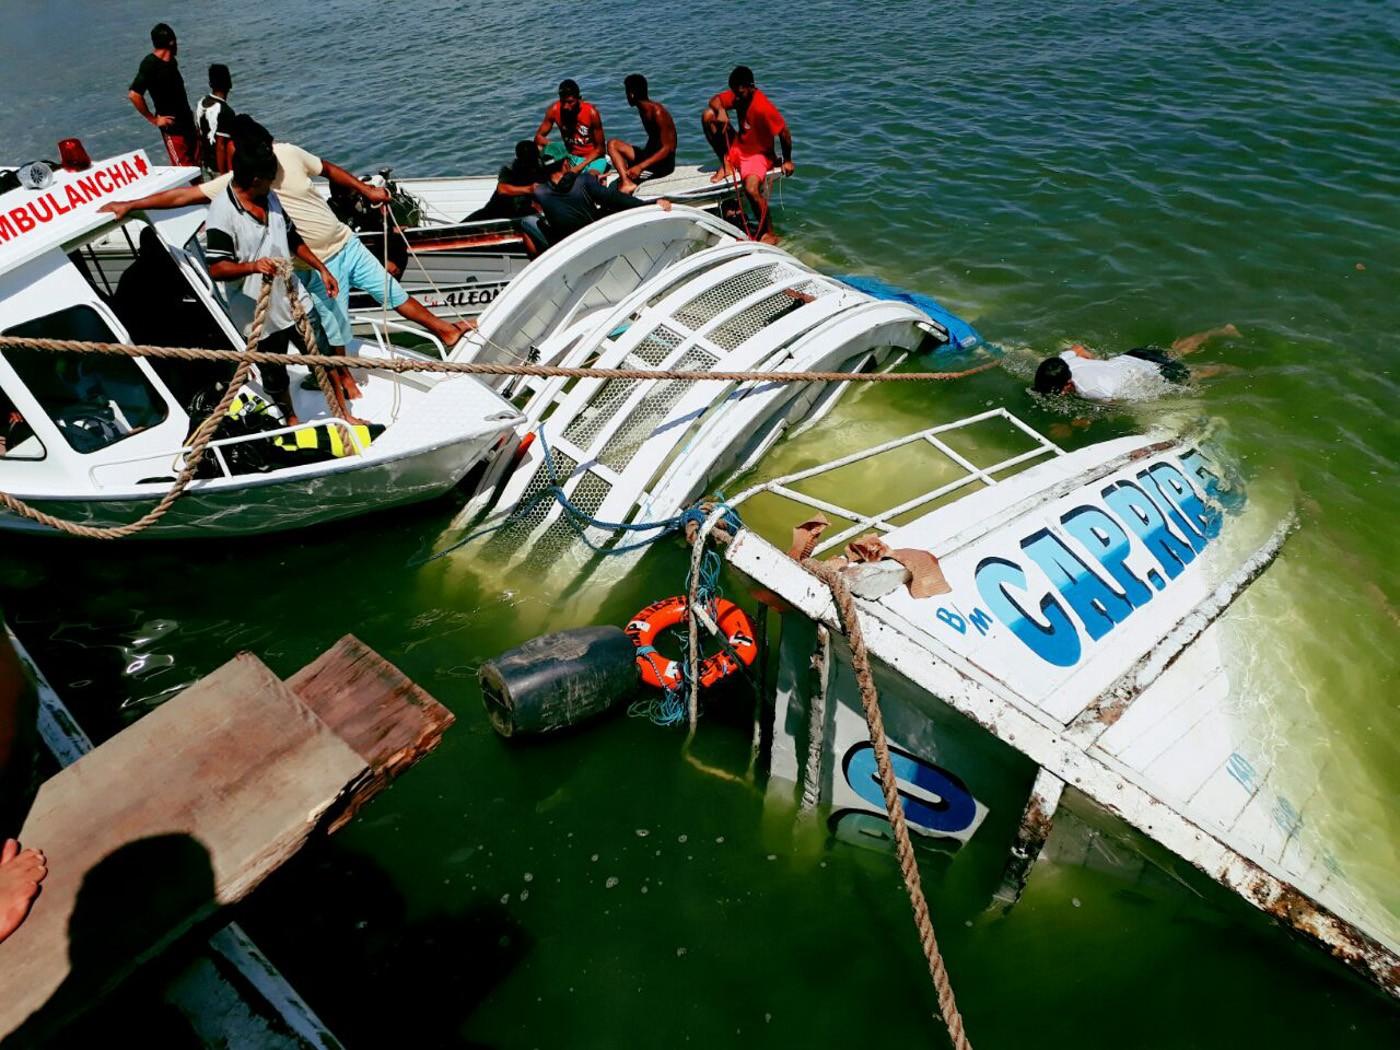 Naufrágio em Porto de Moz, que deixou 23 mortos completa dois anos; donos de embarcação não foram julgados - Notícias - Plantão Diário